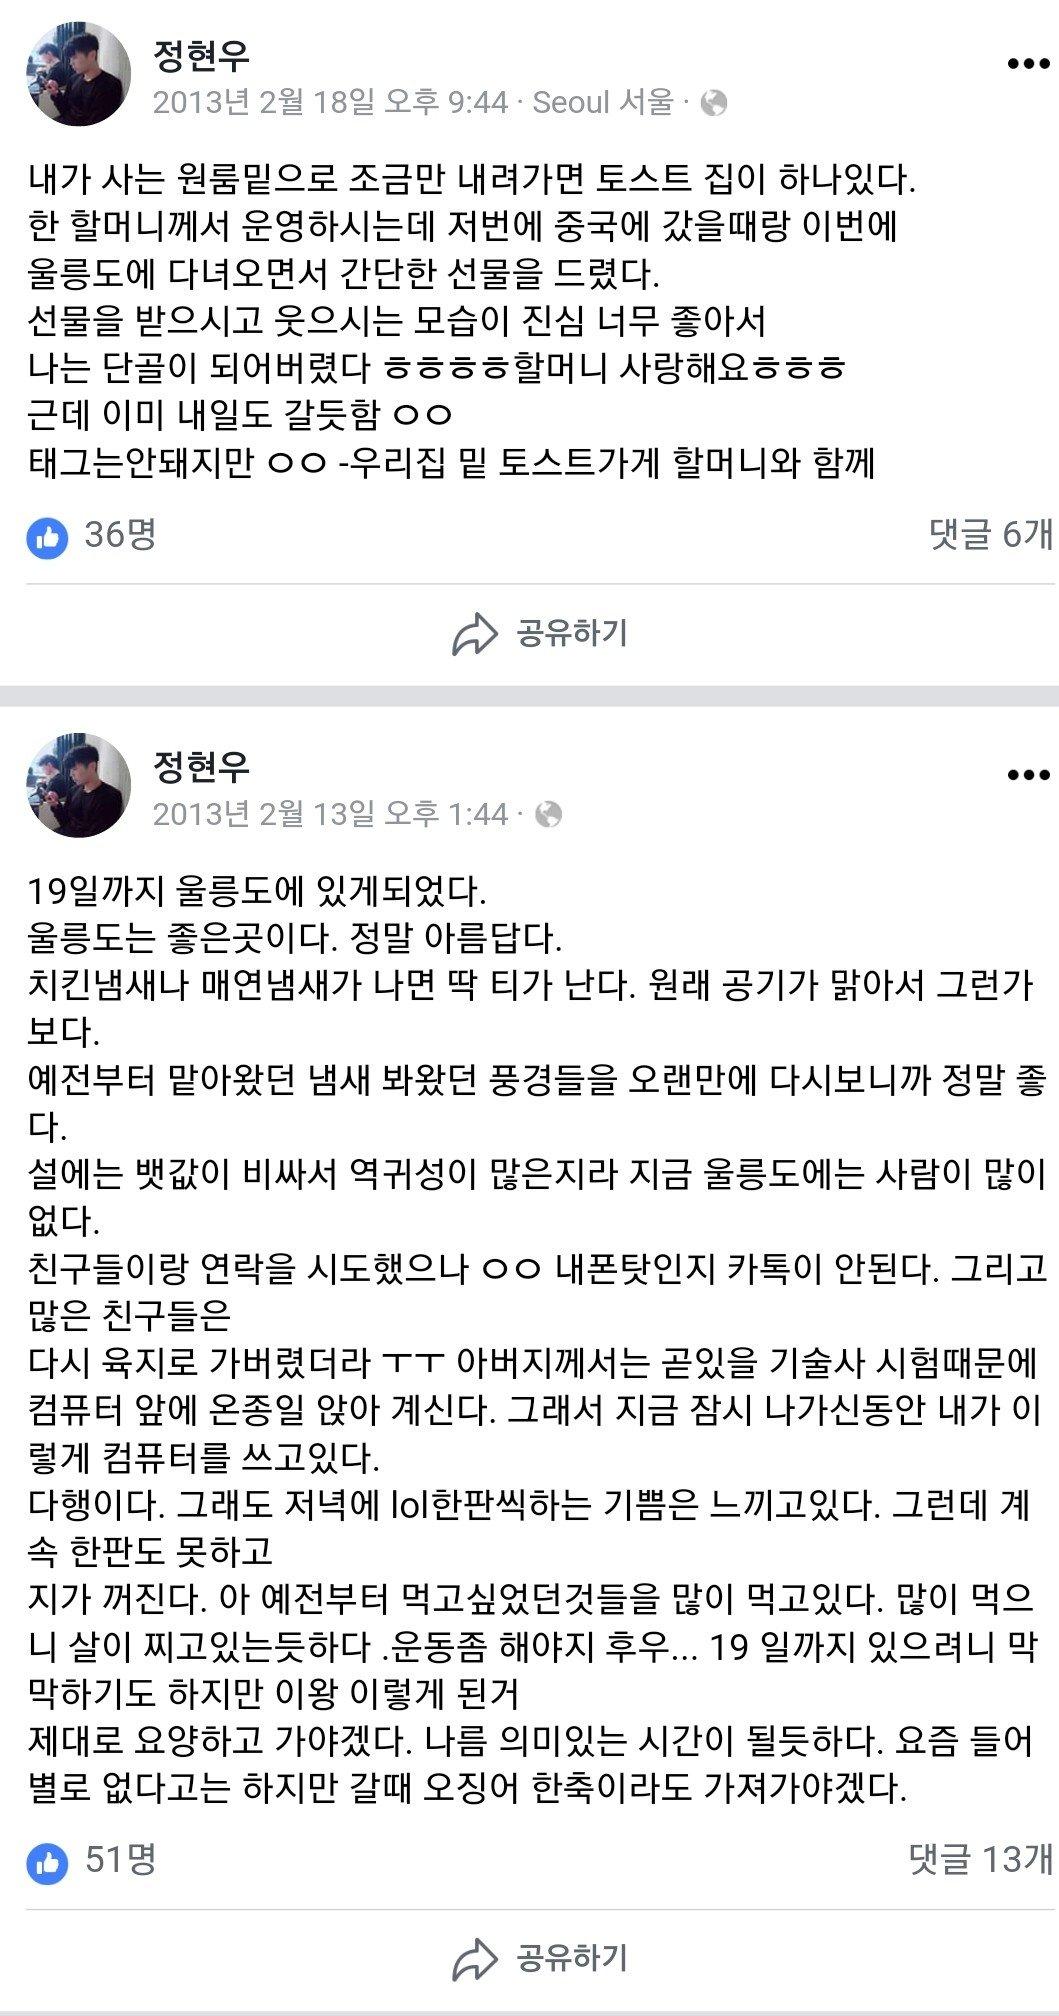 20171101_222958.jpg 현재까지 울릉도가 배출한 유일무이한 서울대생.jpg